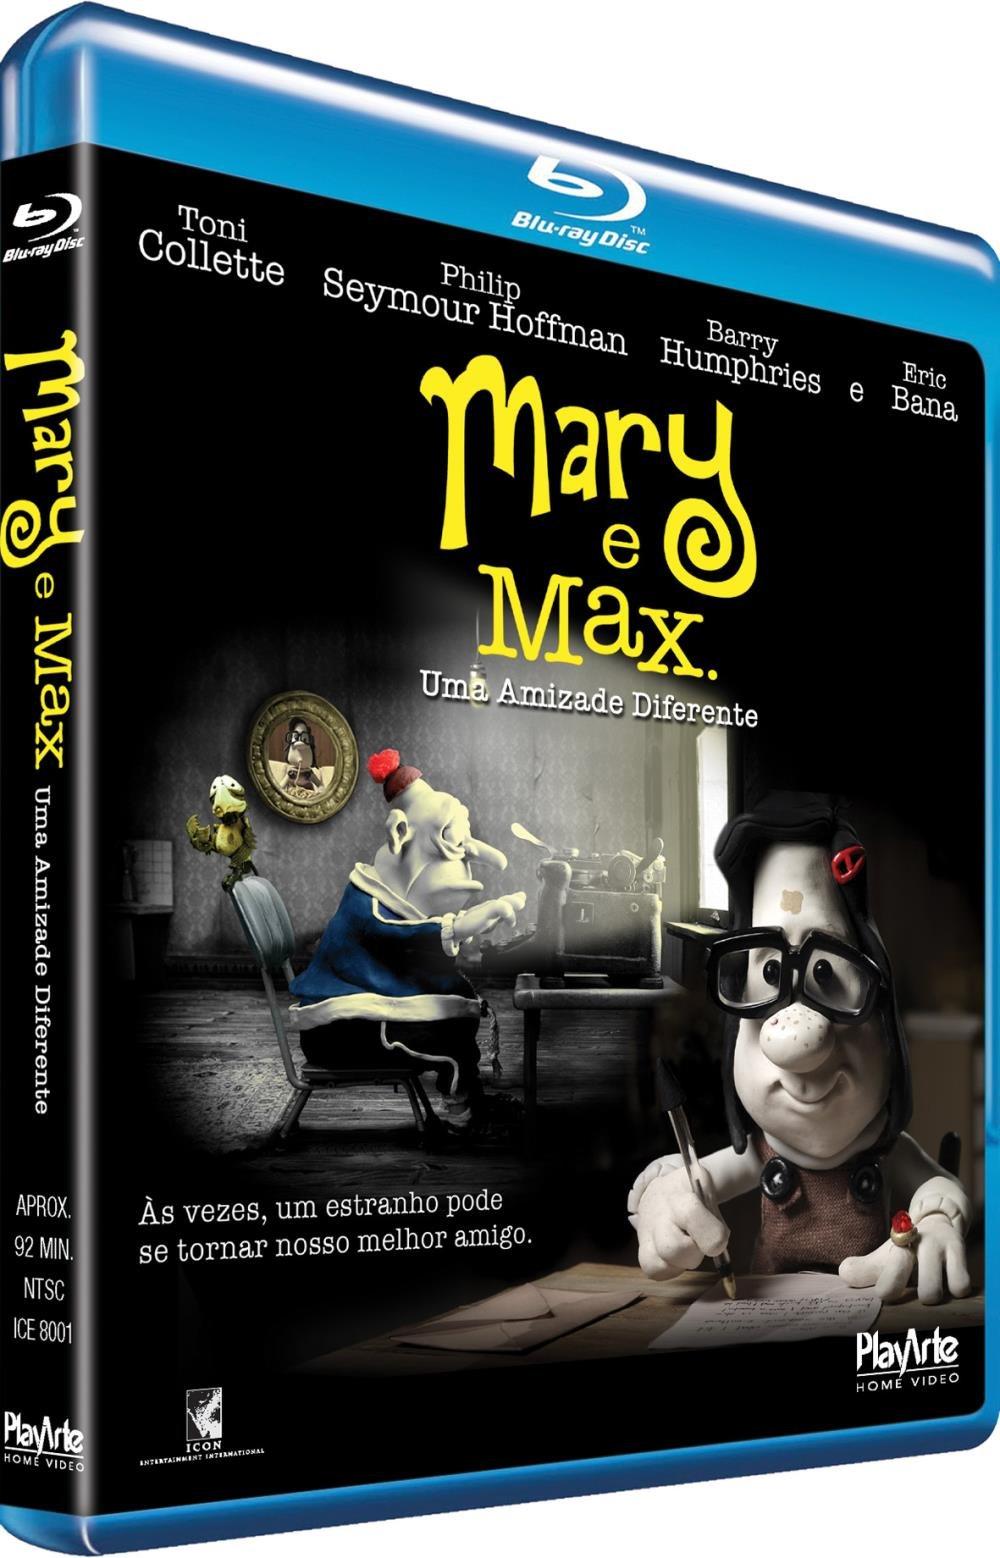 Mary E Max Uma Amizade Diferente Blu Ray Saraiva